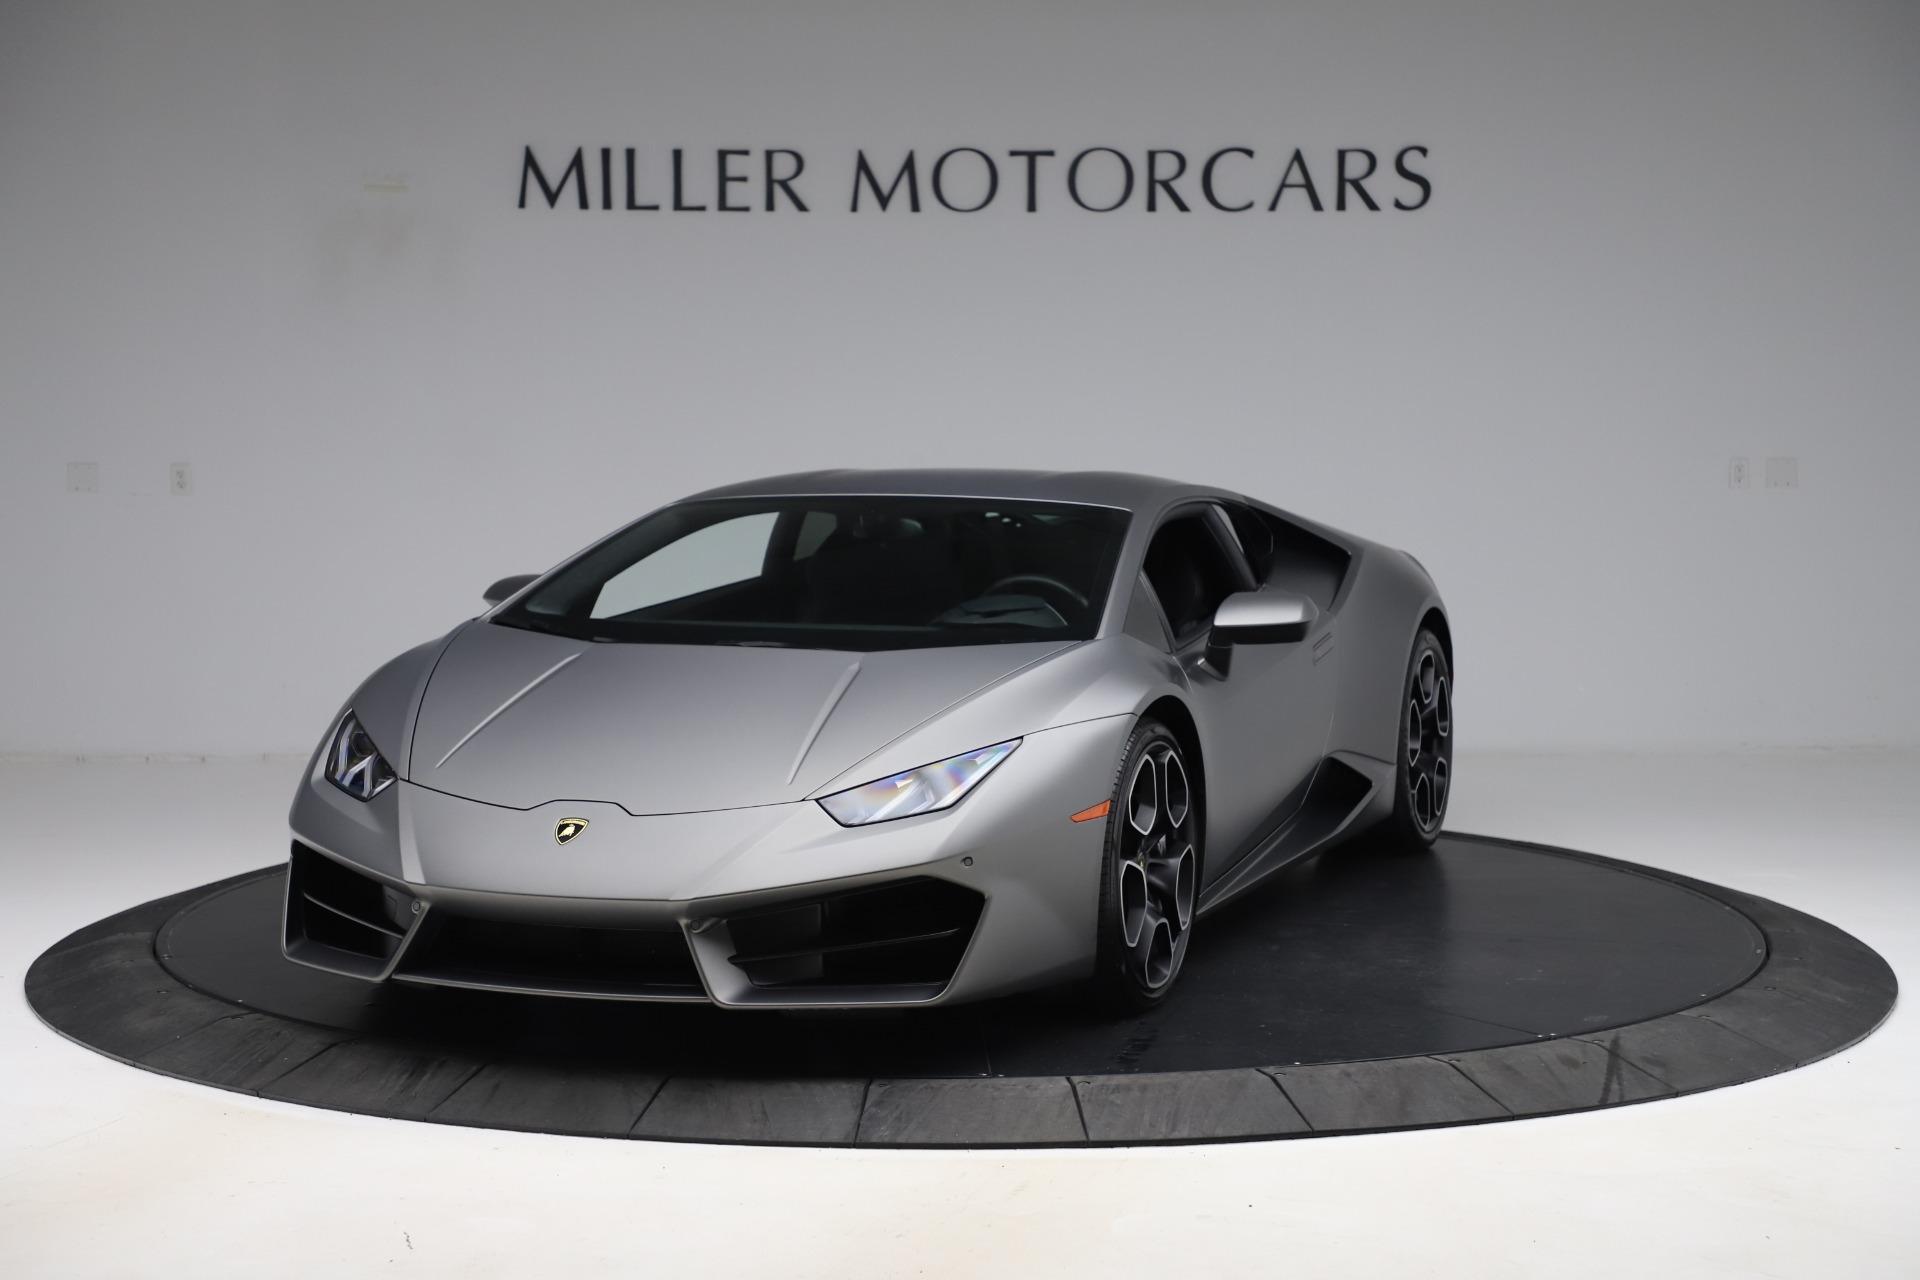 Used 2017 Lamborghini Huracan LP 580-2 for sale Sold at Maserati of Westport in Westport CT 06880 1